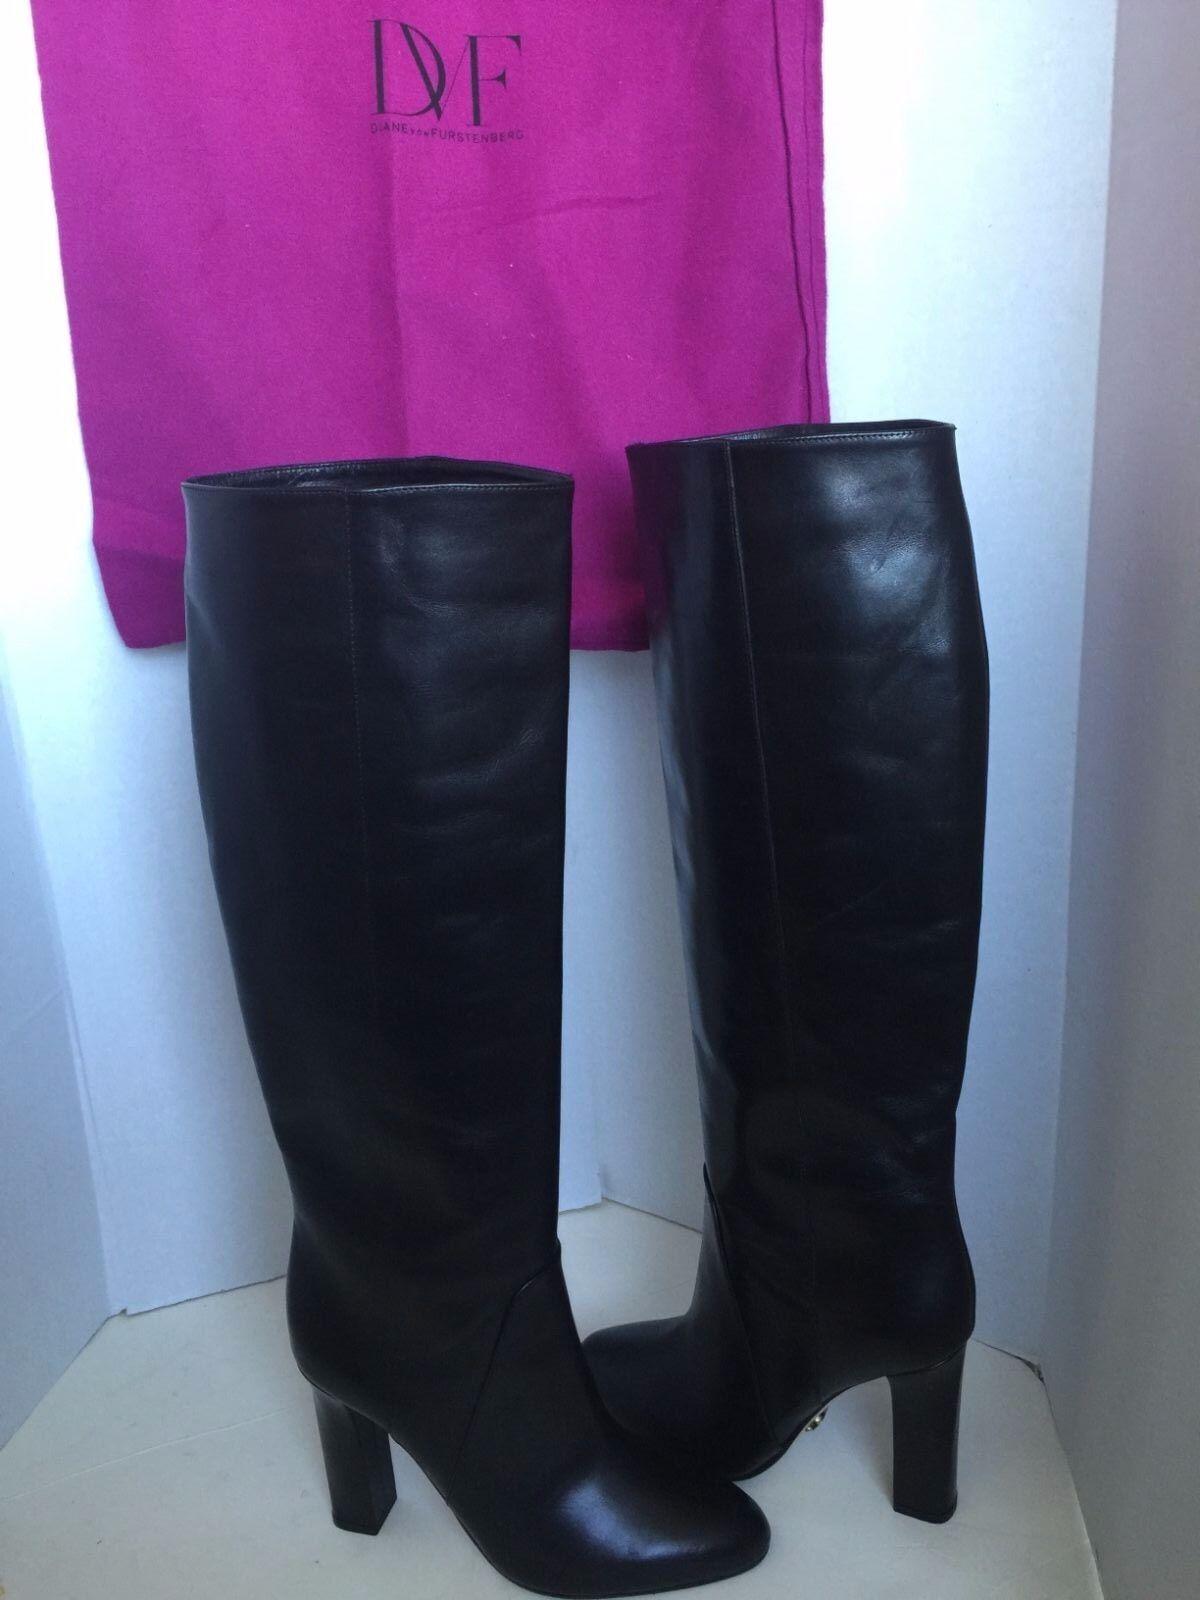 Diane von Furstenberg DVF Gladyss Black Leather Knee High Boot 8.5